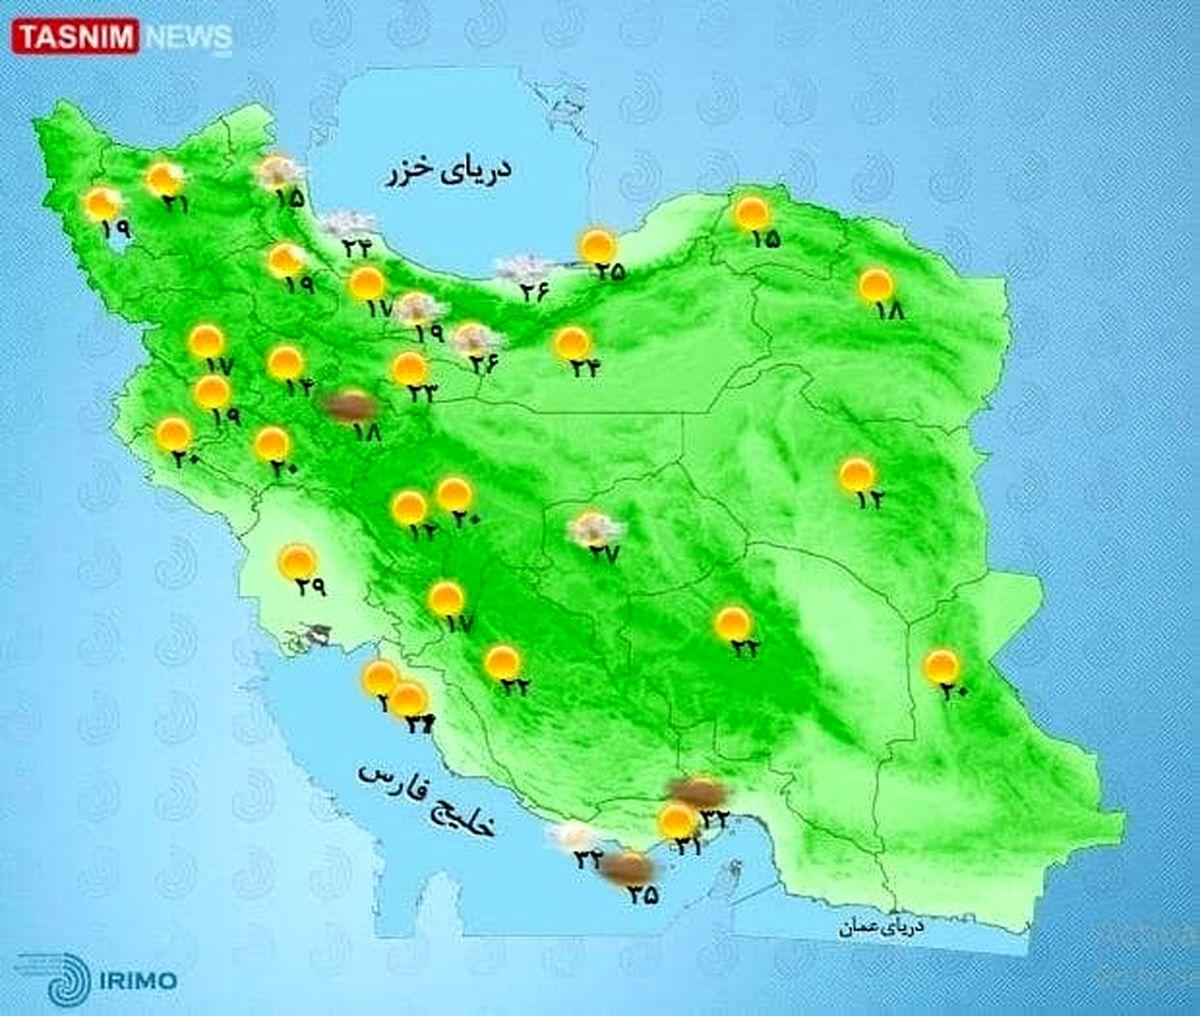 پیش بینی وضعیت آب و هوا در کشور| رگبار و رعد و برق در این مناطق